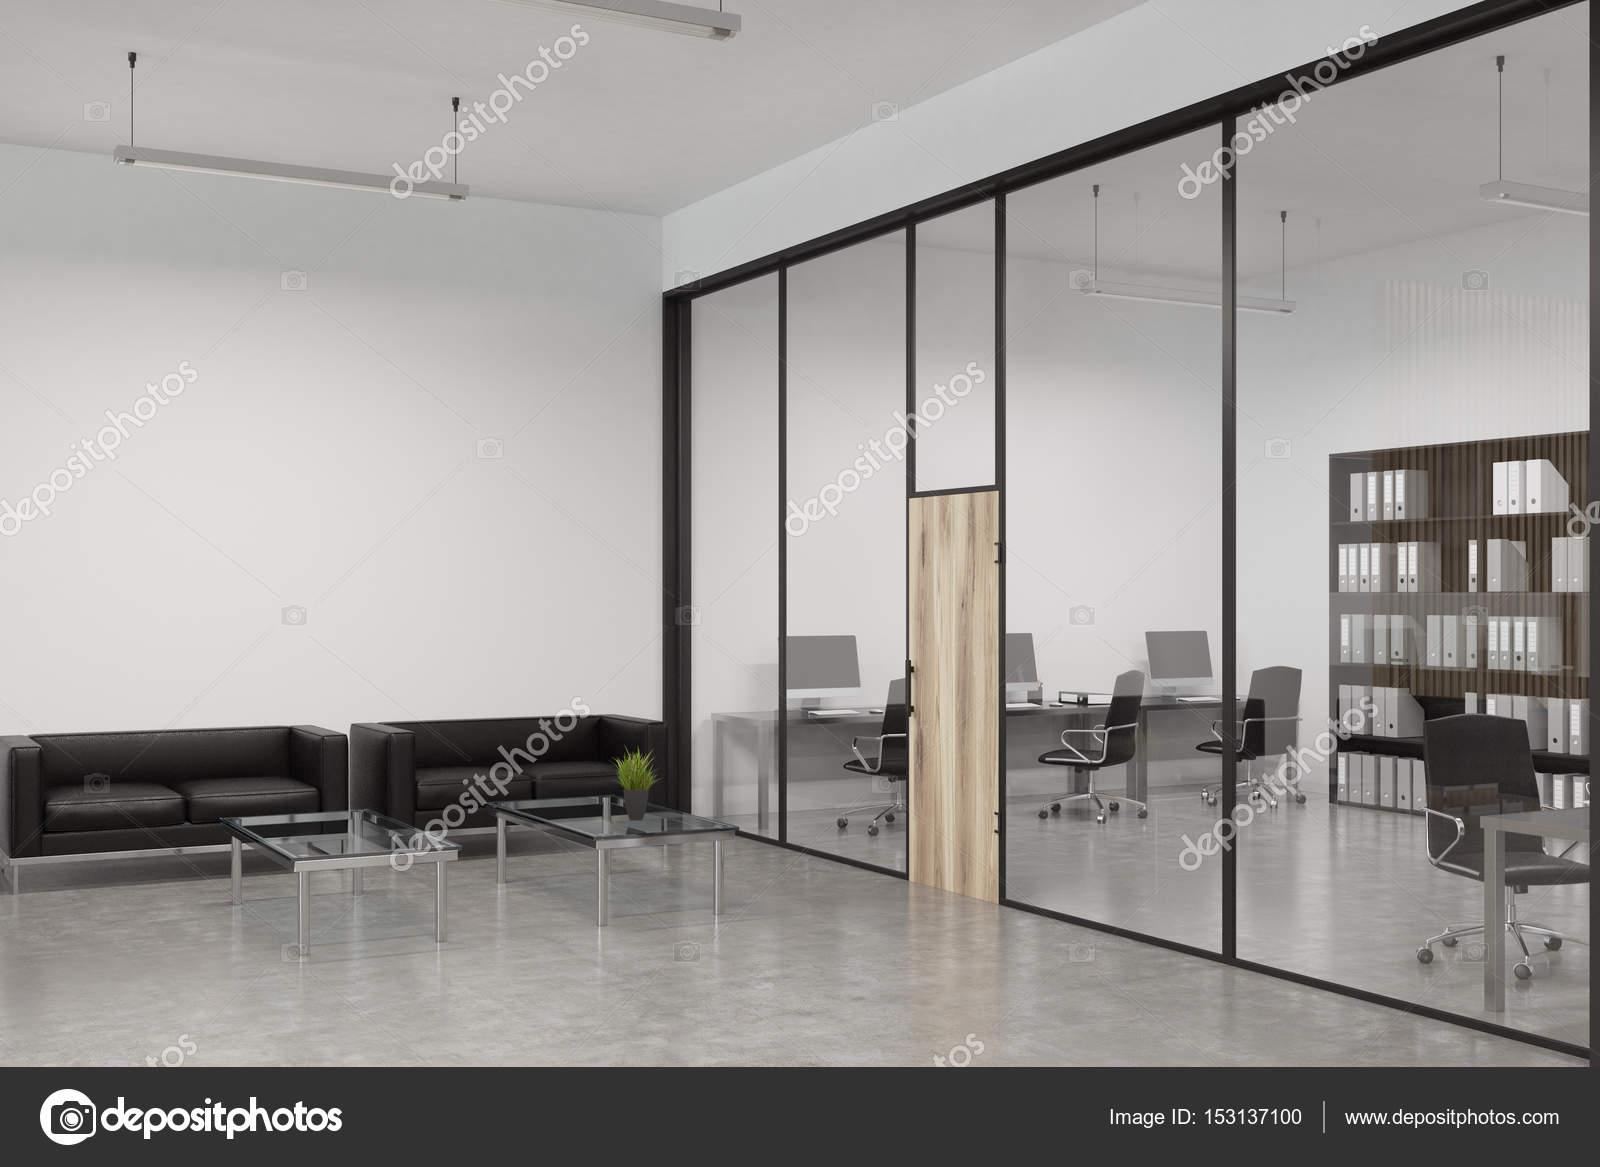 Holztür Glas Büro, Lobby, Seite — Stockfoto © denisismagilov #153137100